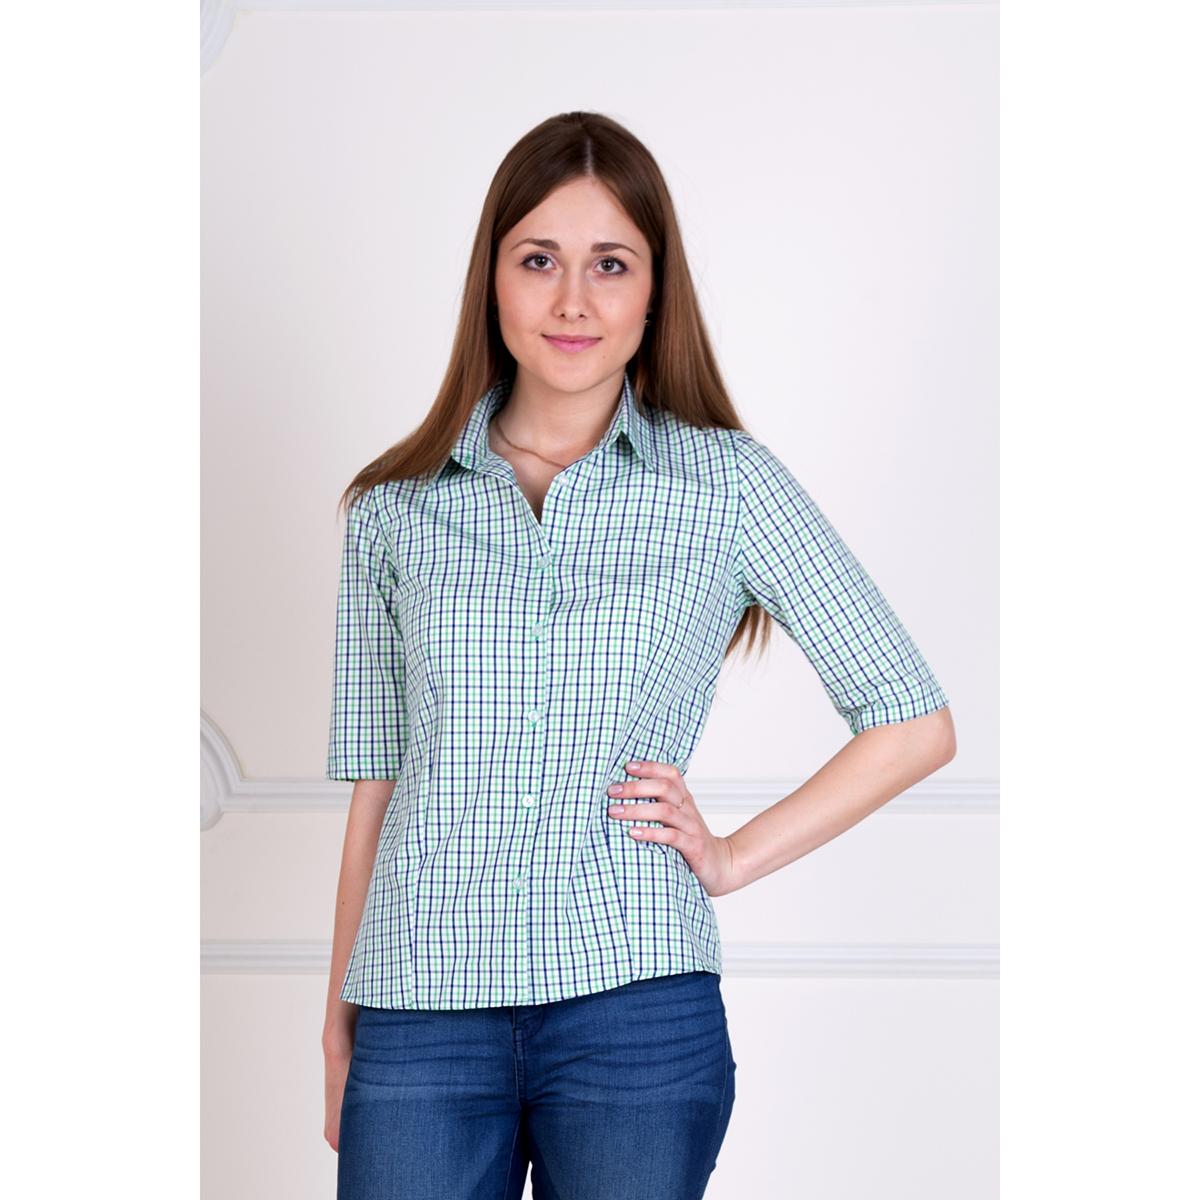 Женская рубашка Молодежная Зеленый, размер 50Блузки, майки, кофты<br>Обхват груди:100 см<br>Обхват талии:82 см<br>Обхват бедер:108 см<br>Рост:167 см<br><br>Тип: Жен. рубашка<br>Размер: 50<br>Материал: Хлопок